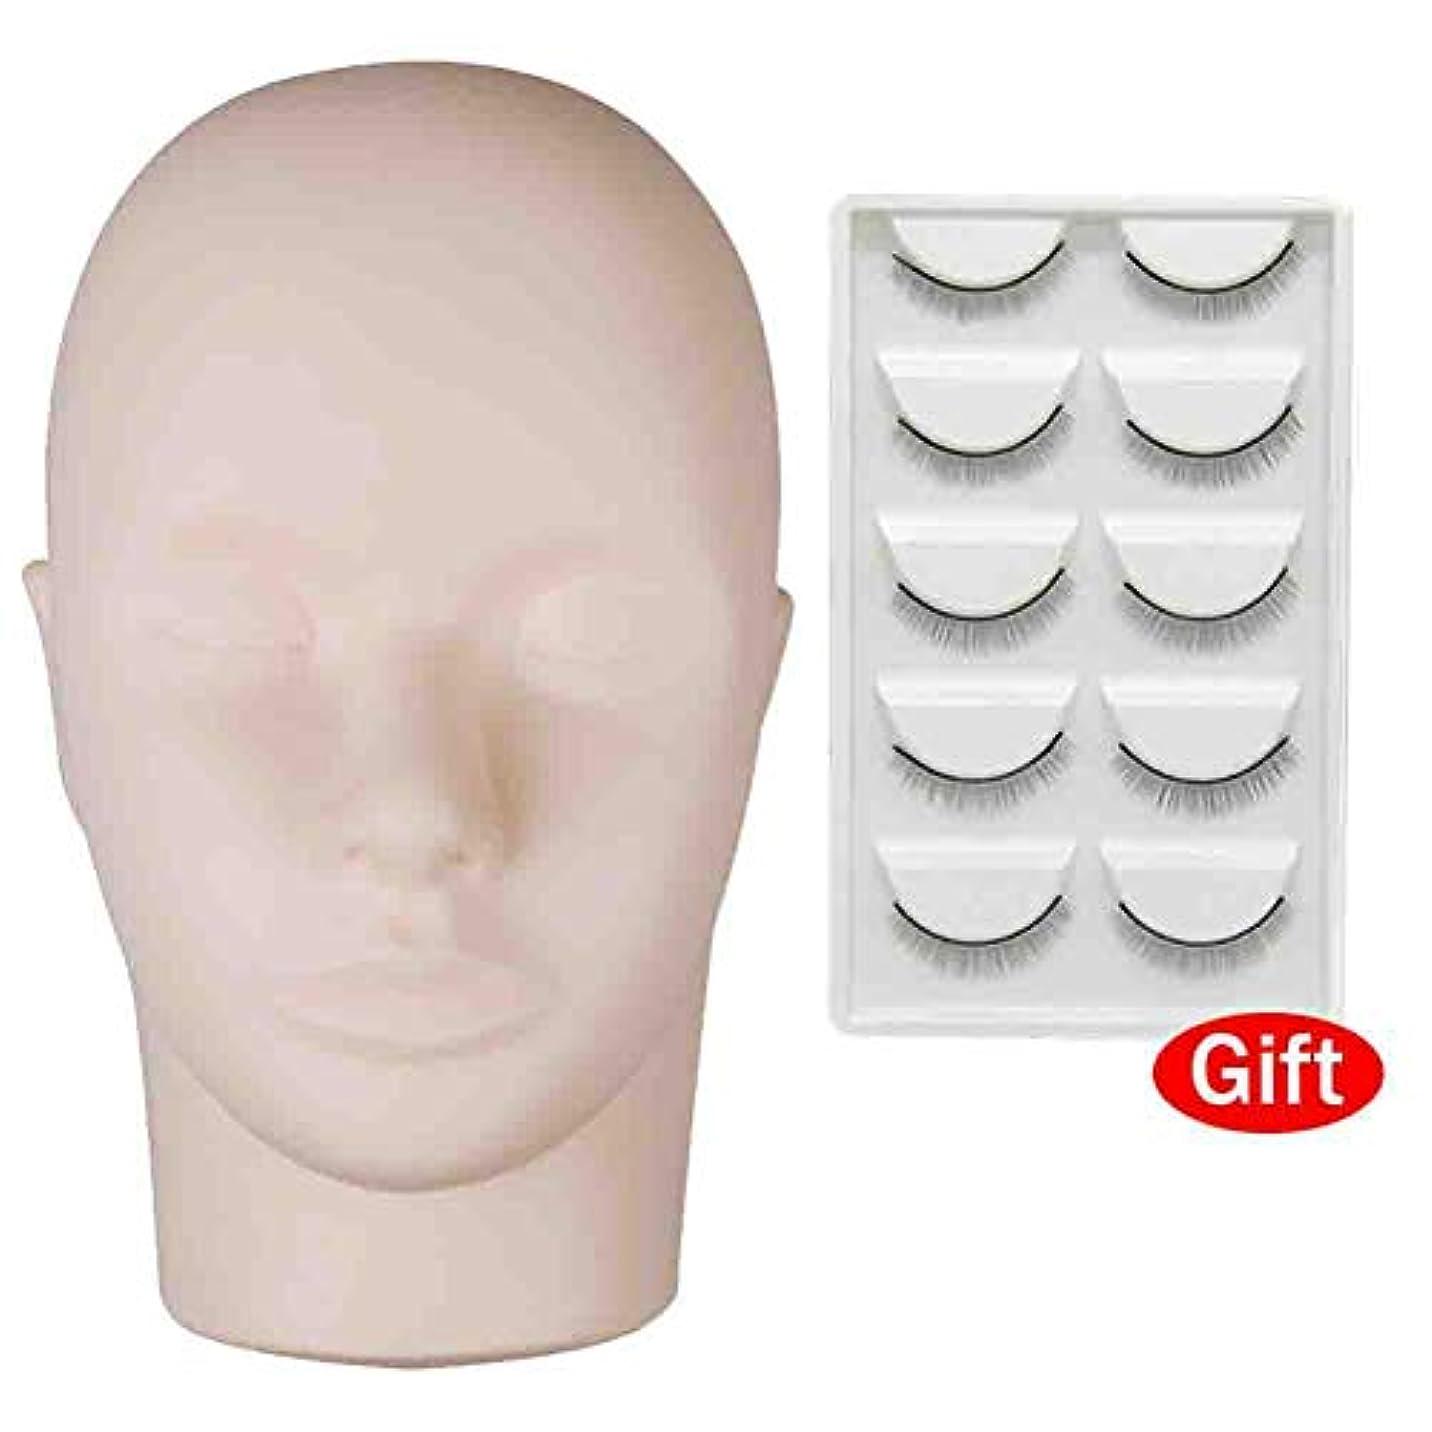 近似体不正直シリコーンシミュレーション人々練習モデルヘッドまつげグラフトフェイスペインティング鍼治療ティーチングヘッドX3